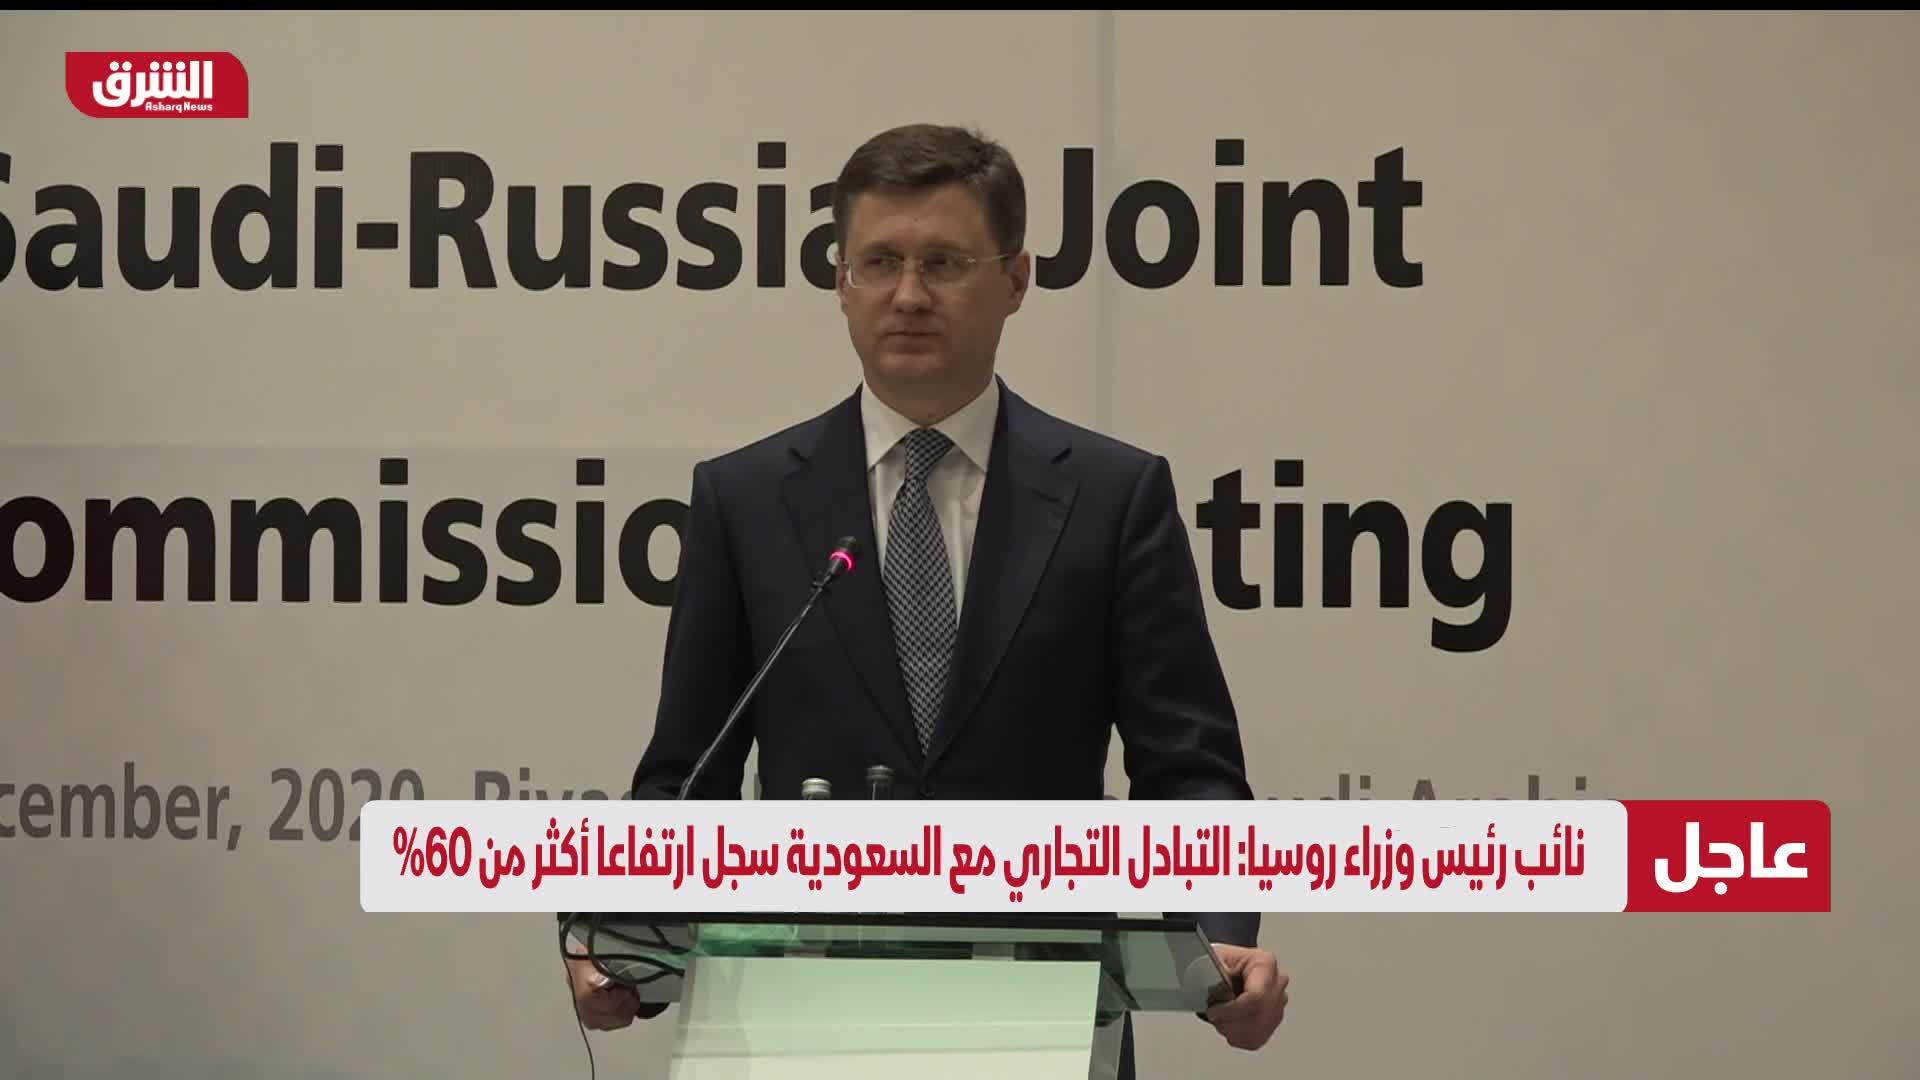 مؤتمر صحفي مشترك لوزير الطاقة السعودي ونائب رئيس وزراء روسيا